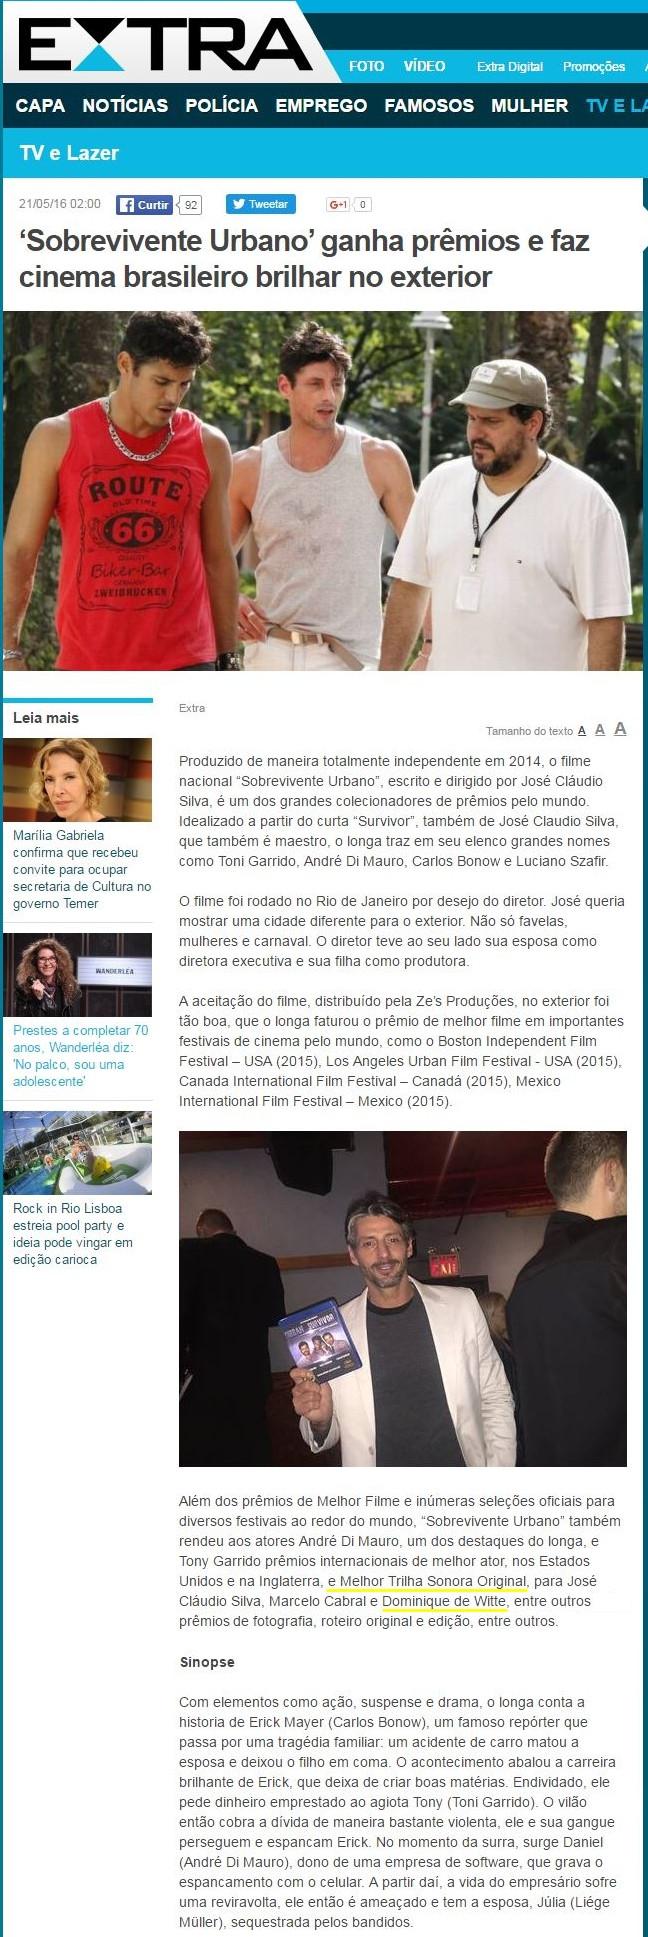 Dominique de Witte / Sobrevivente Urbano - Journal EXTRA - 21 mai 2016 - Brésil